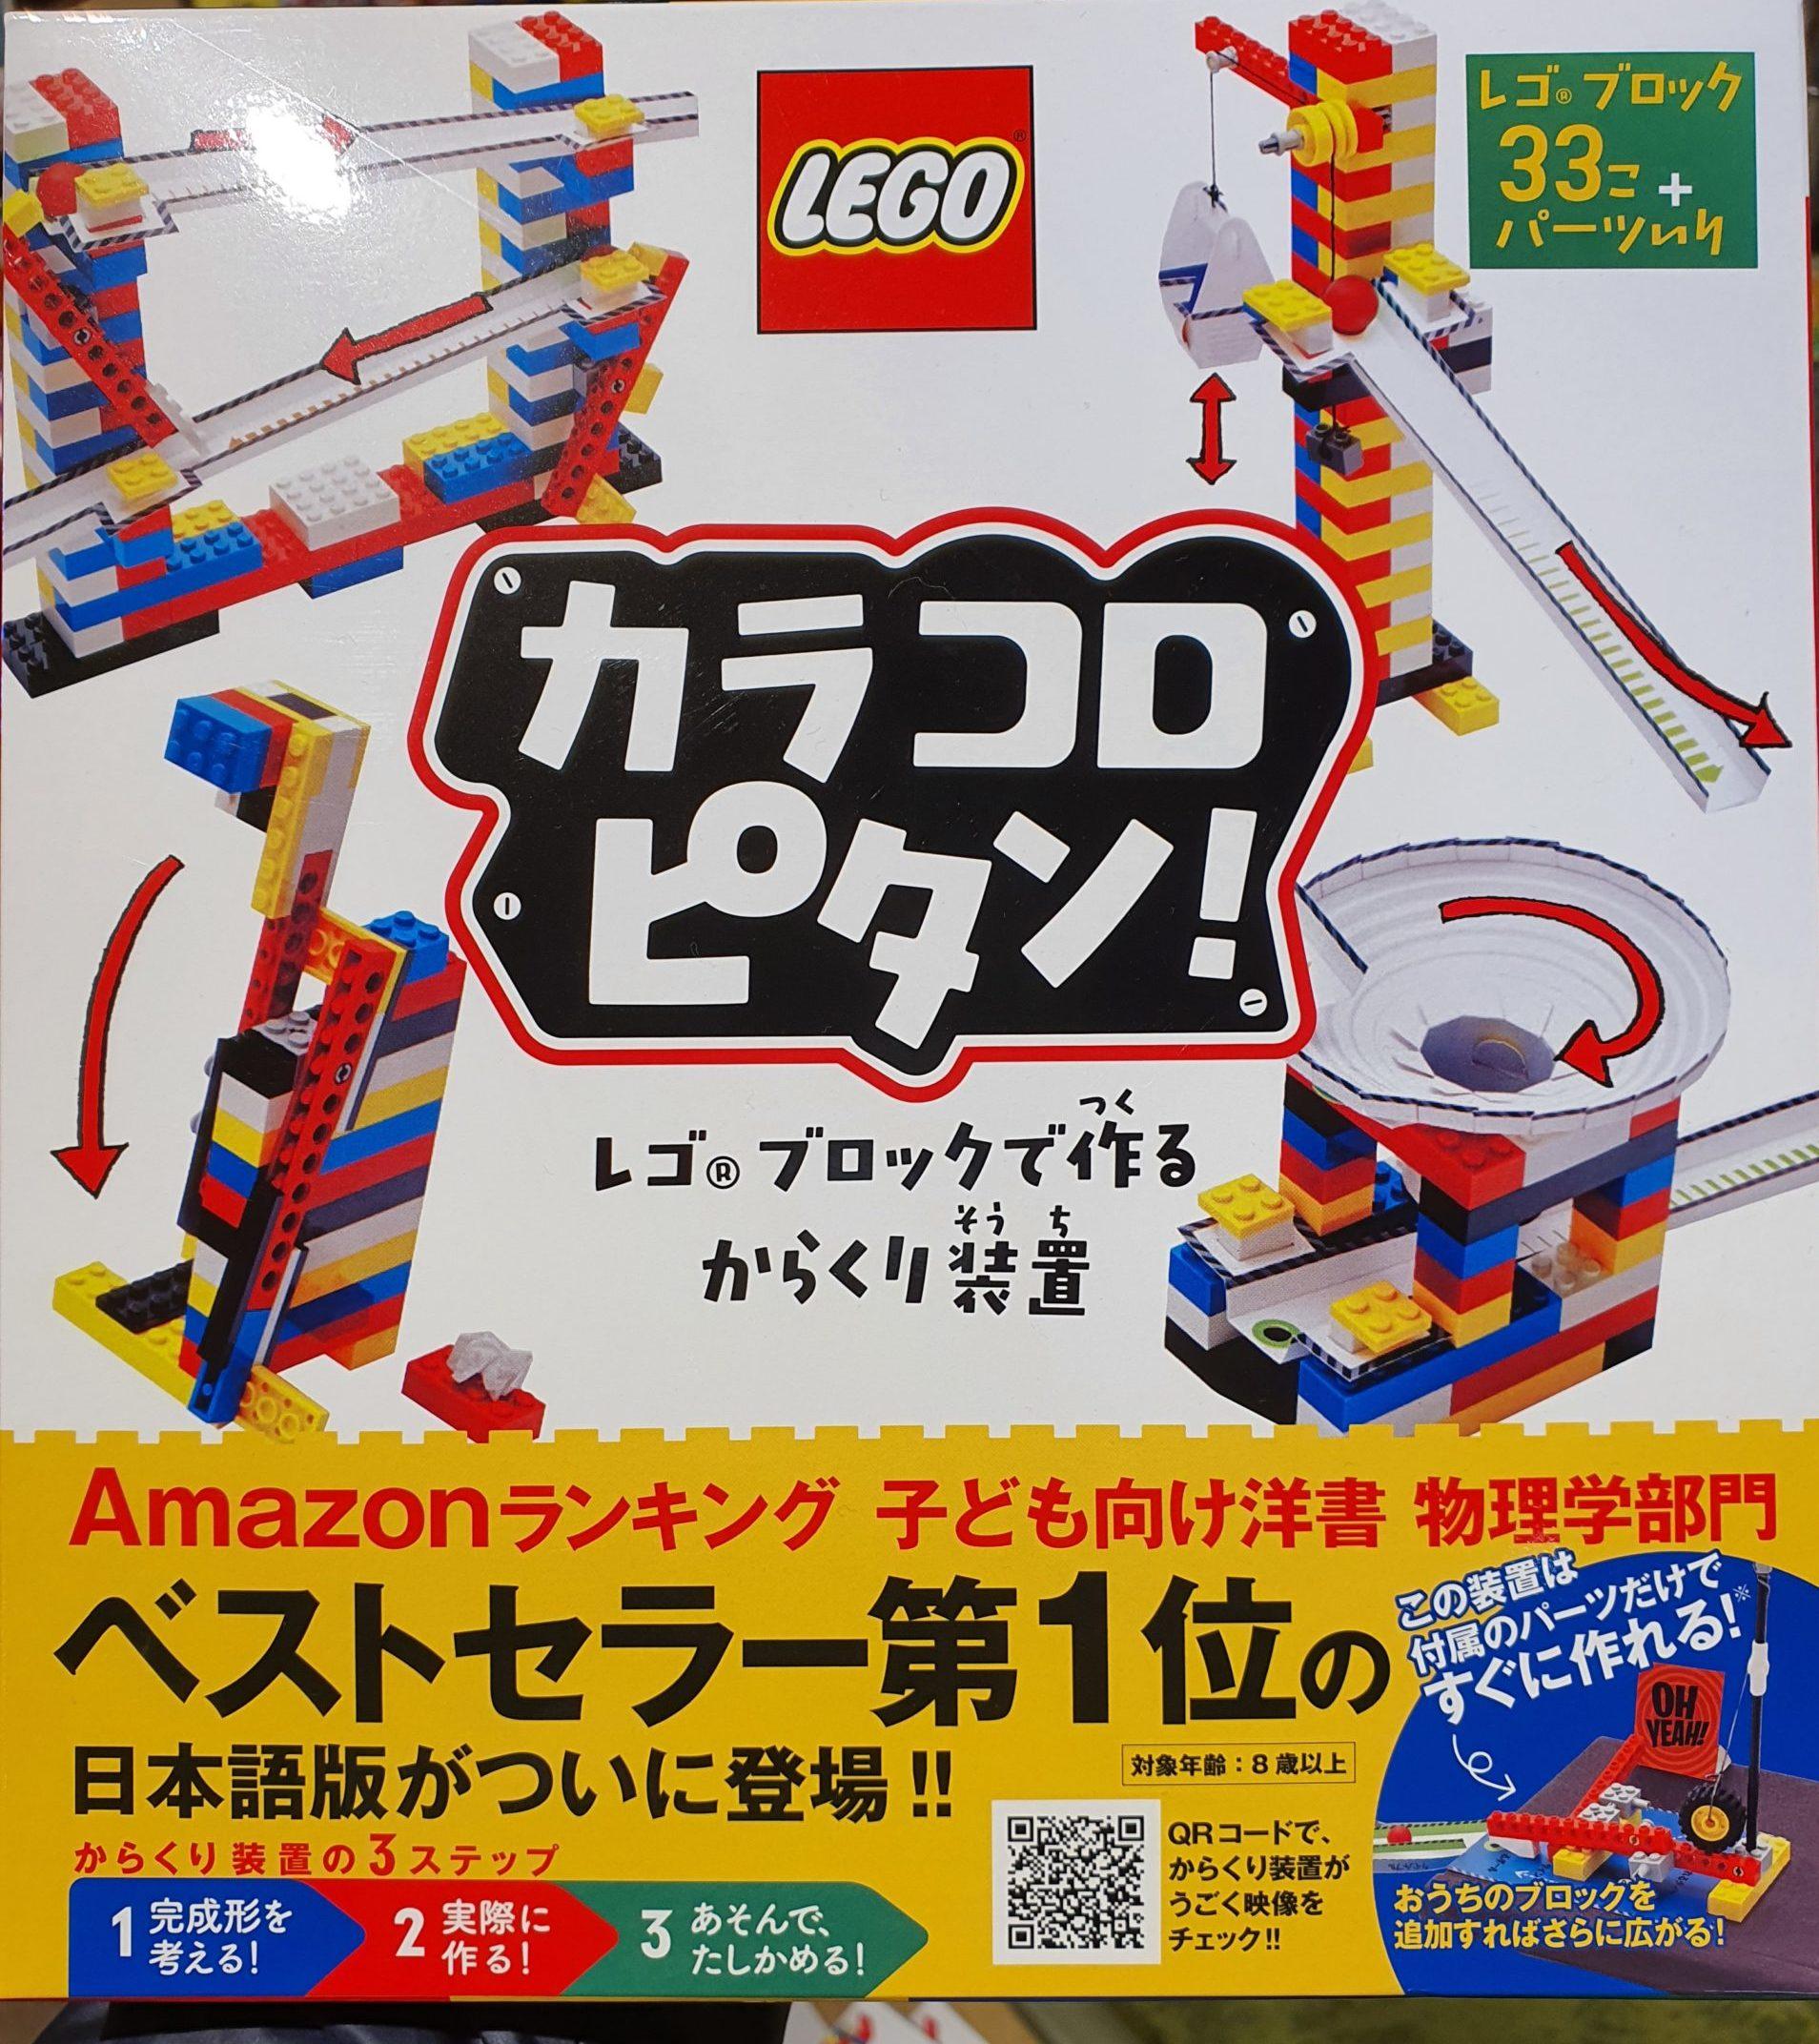 レゴで作るピタゴラスイッチ?「カラコロピタン!」でプログラミングを学ぶ